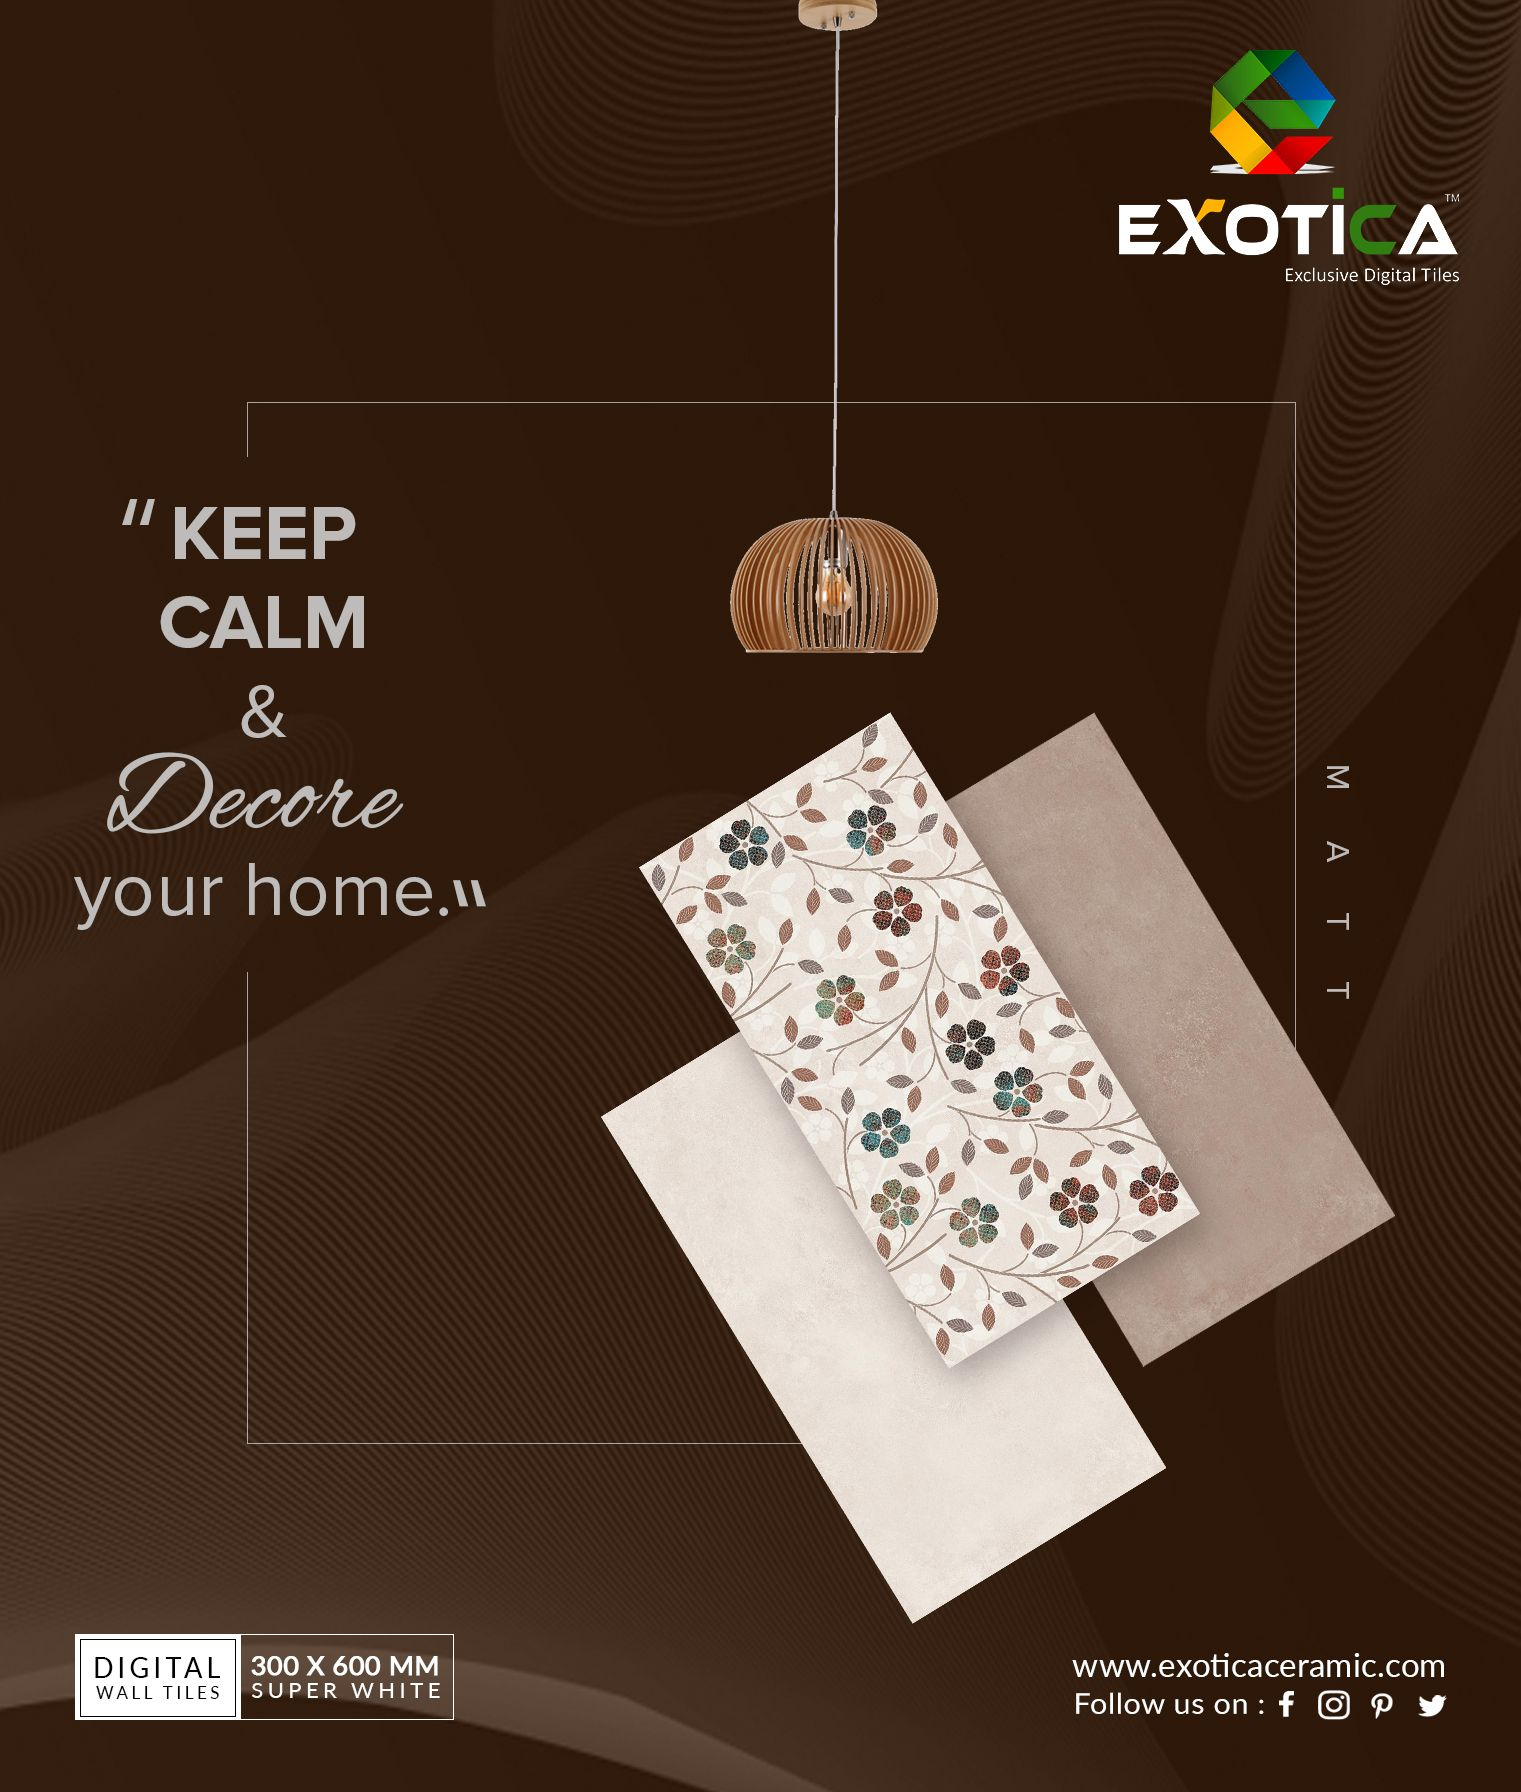 Keep Calm Decore Your Home Exoticatiles Exotica Morbi Exporter Walldecor Digitalwalltiles Tilesofindia Manufacturer Digital Wall Wall Tiles Tiles